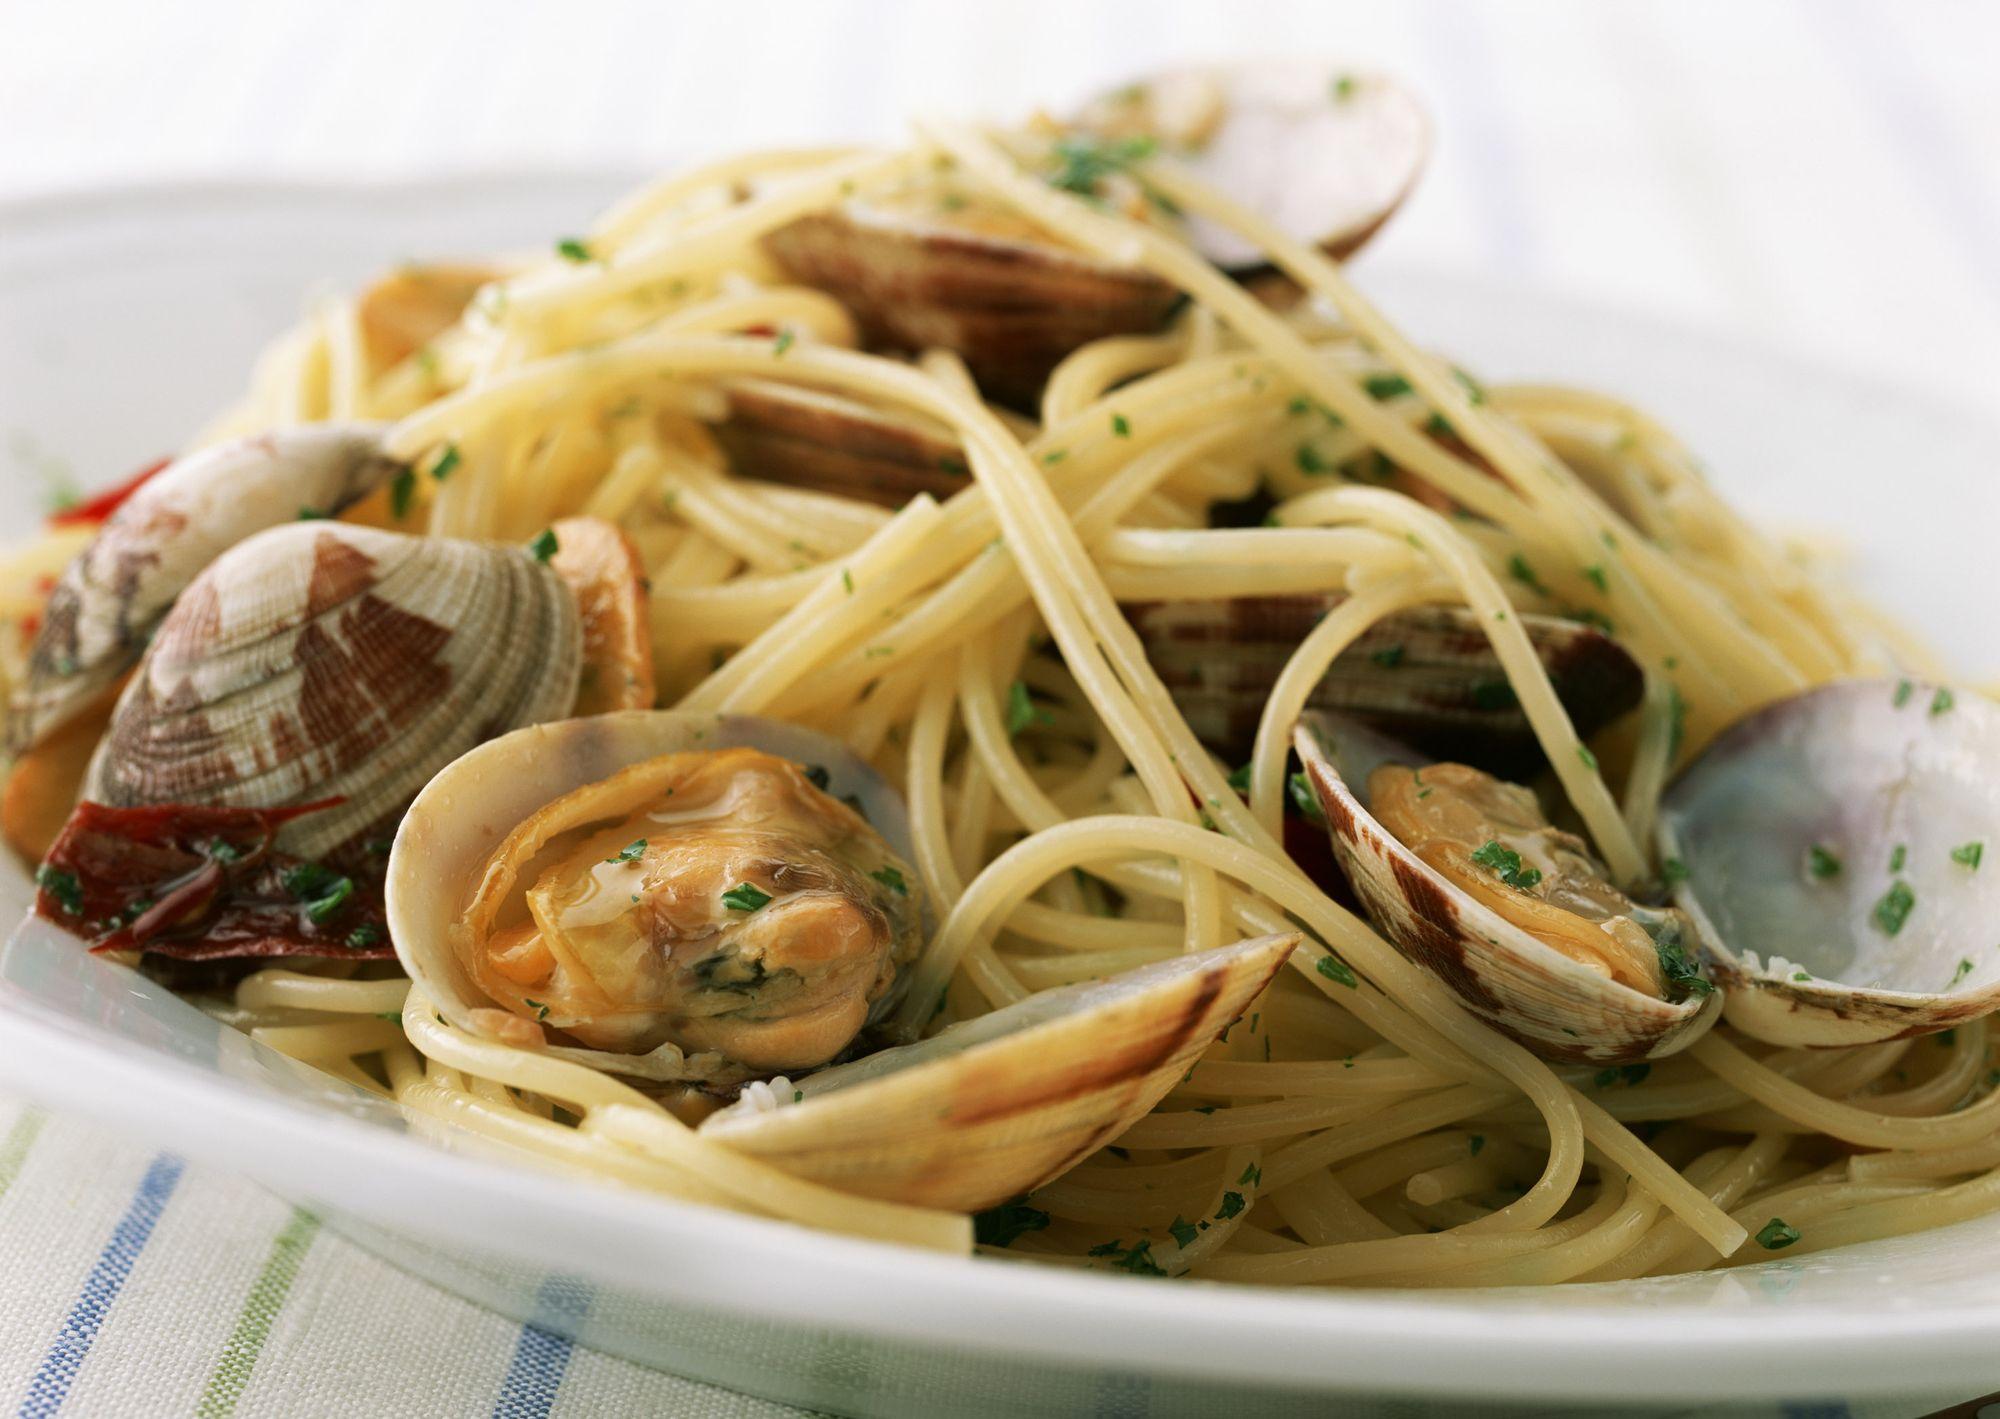 I migliori ristoranti di Napoli